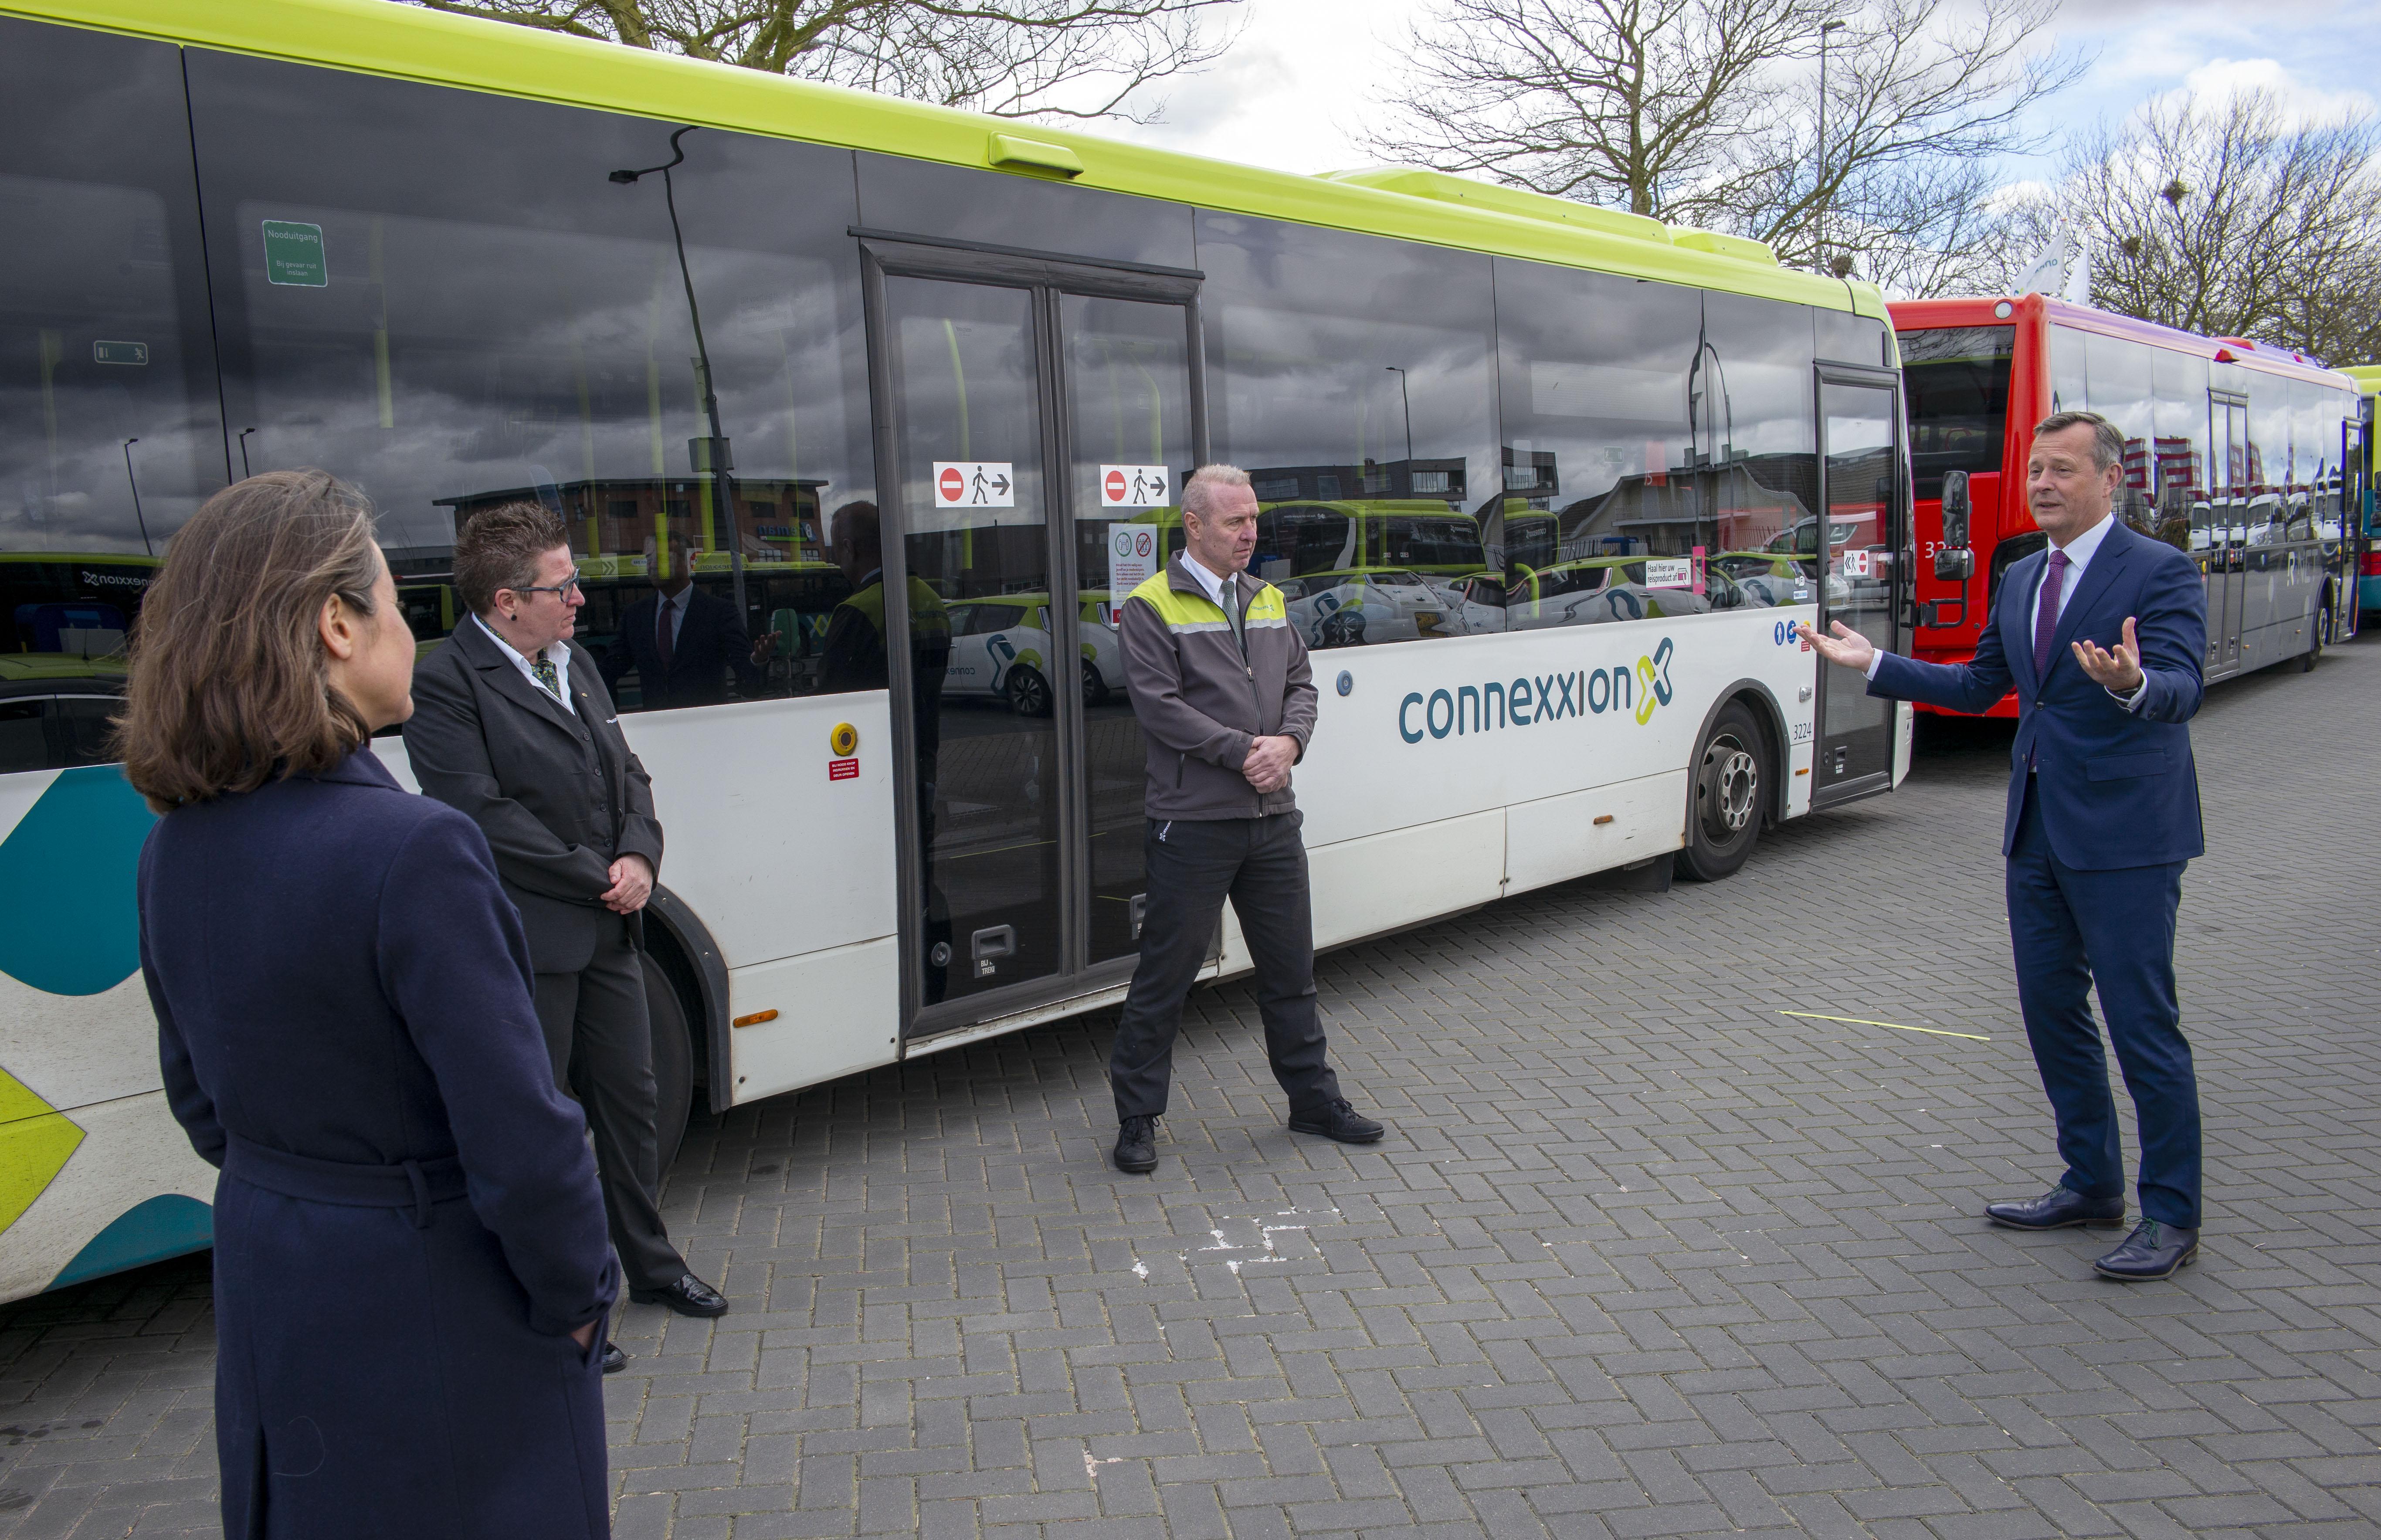 Met twaalf passagiers is de bus tegenwoordig vol